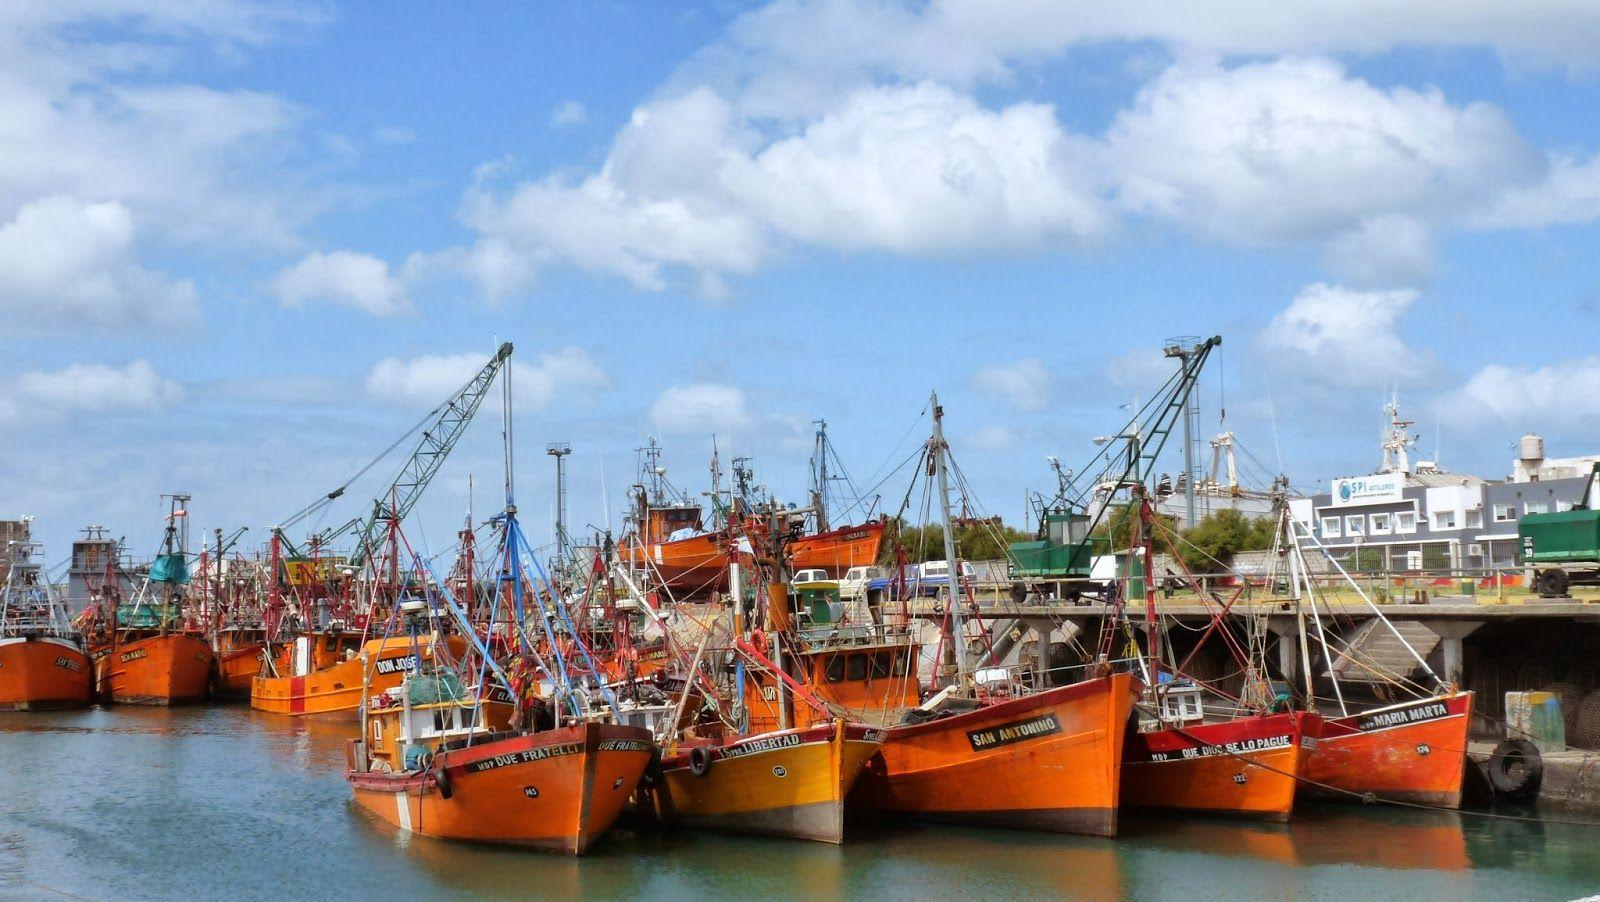 Encontraron el cuerpo de un cocinero de un barco flotando en el puerto de Mar del Plata